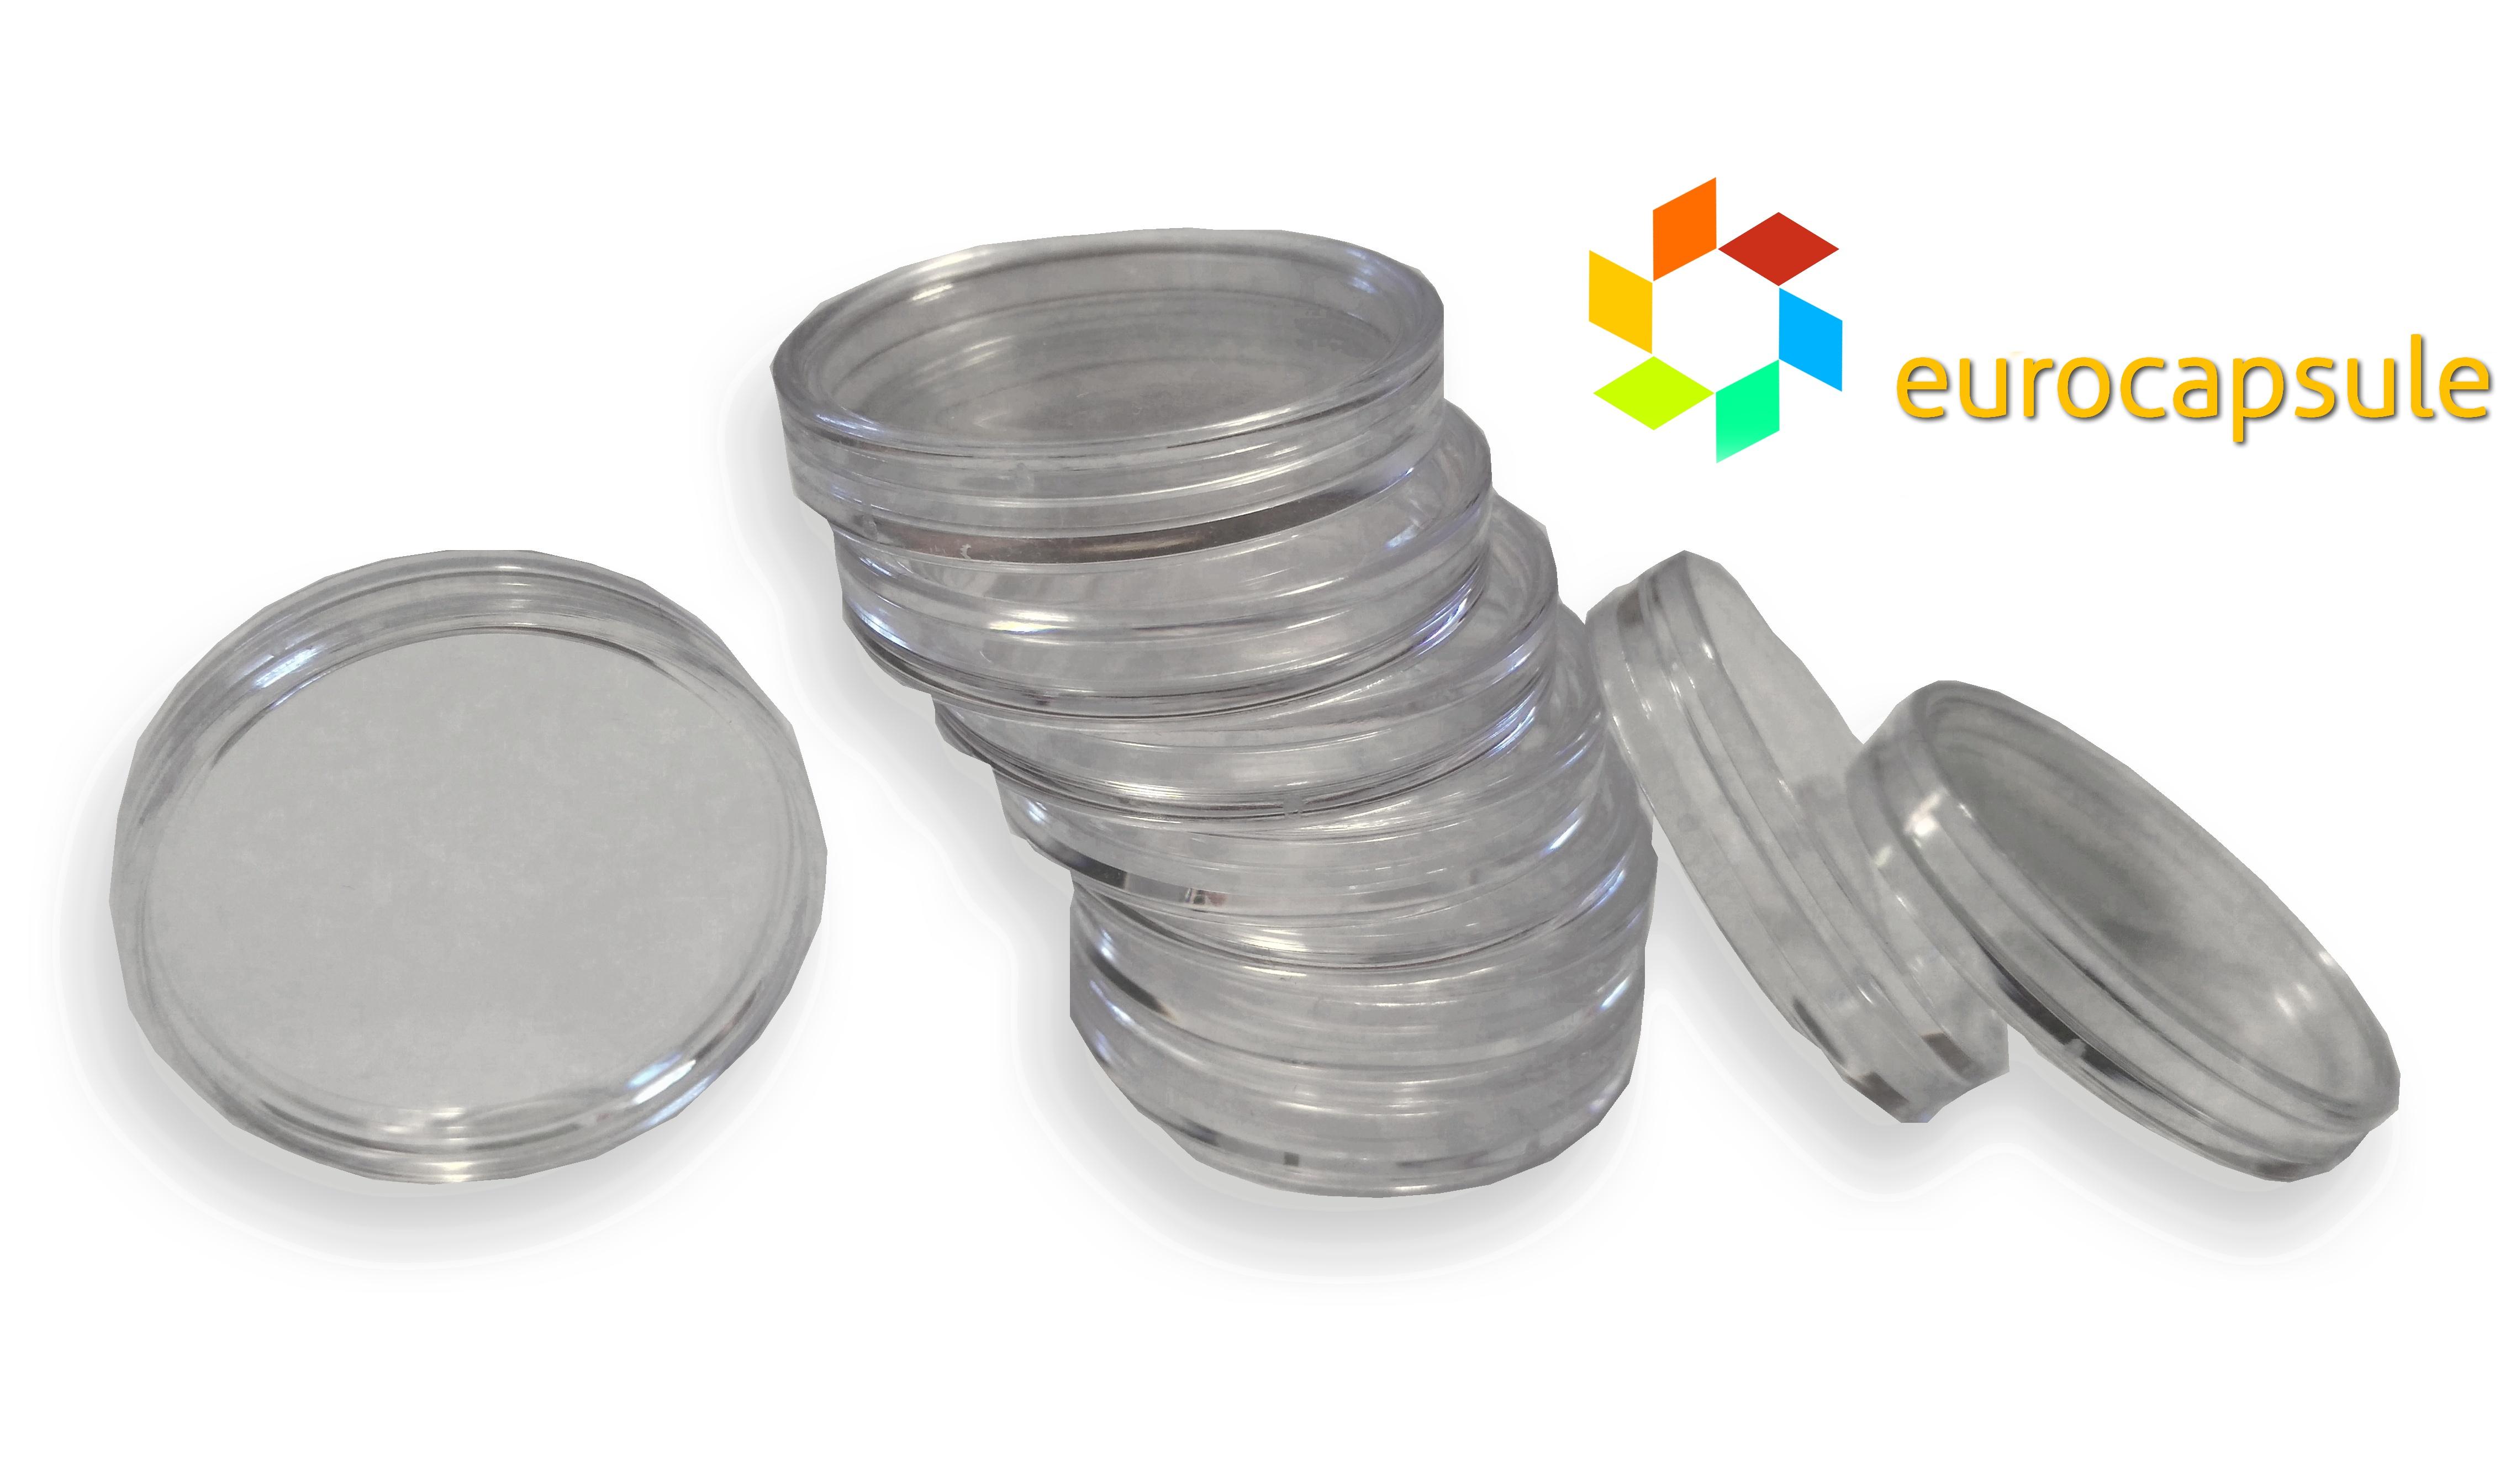 kapsula na 2 eurové mince